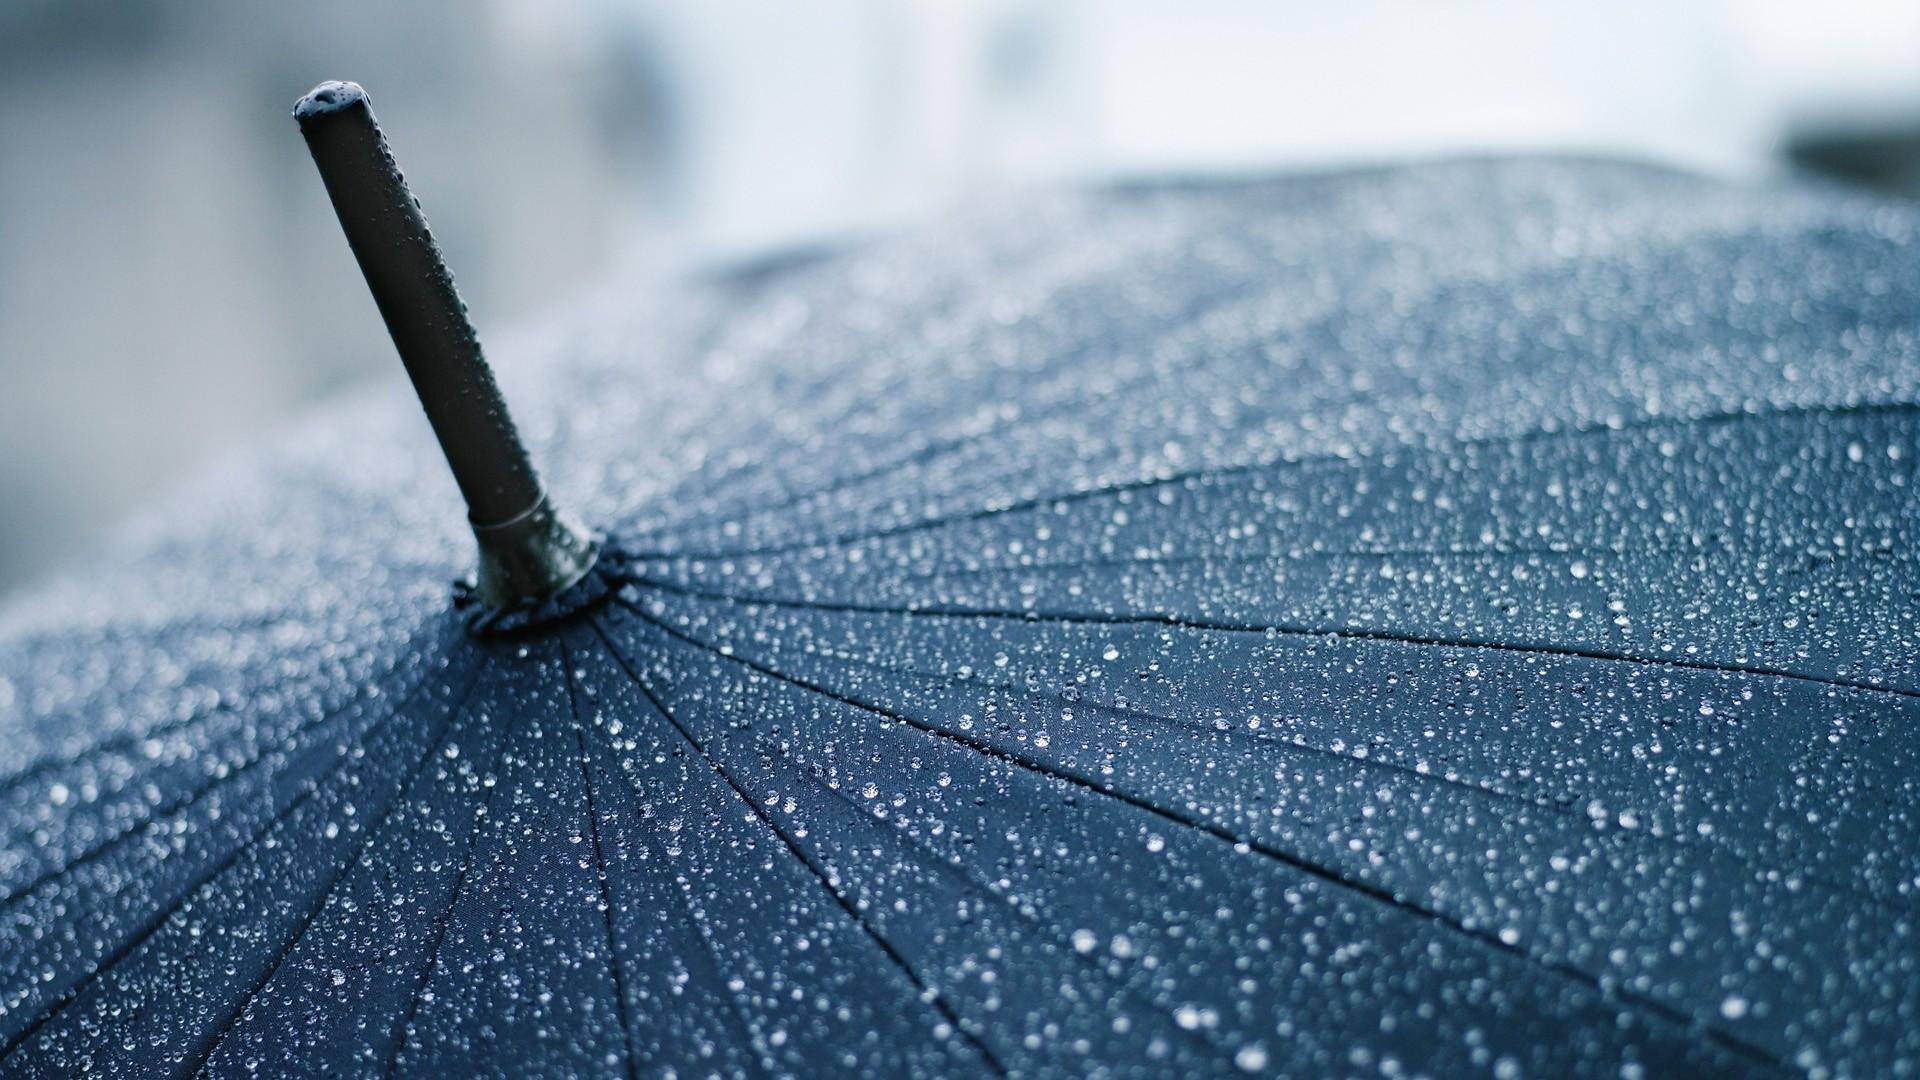 1920x1080 Preview Wallpaper Umbrella Rain Drops Cane Clouds Precipitation